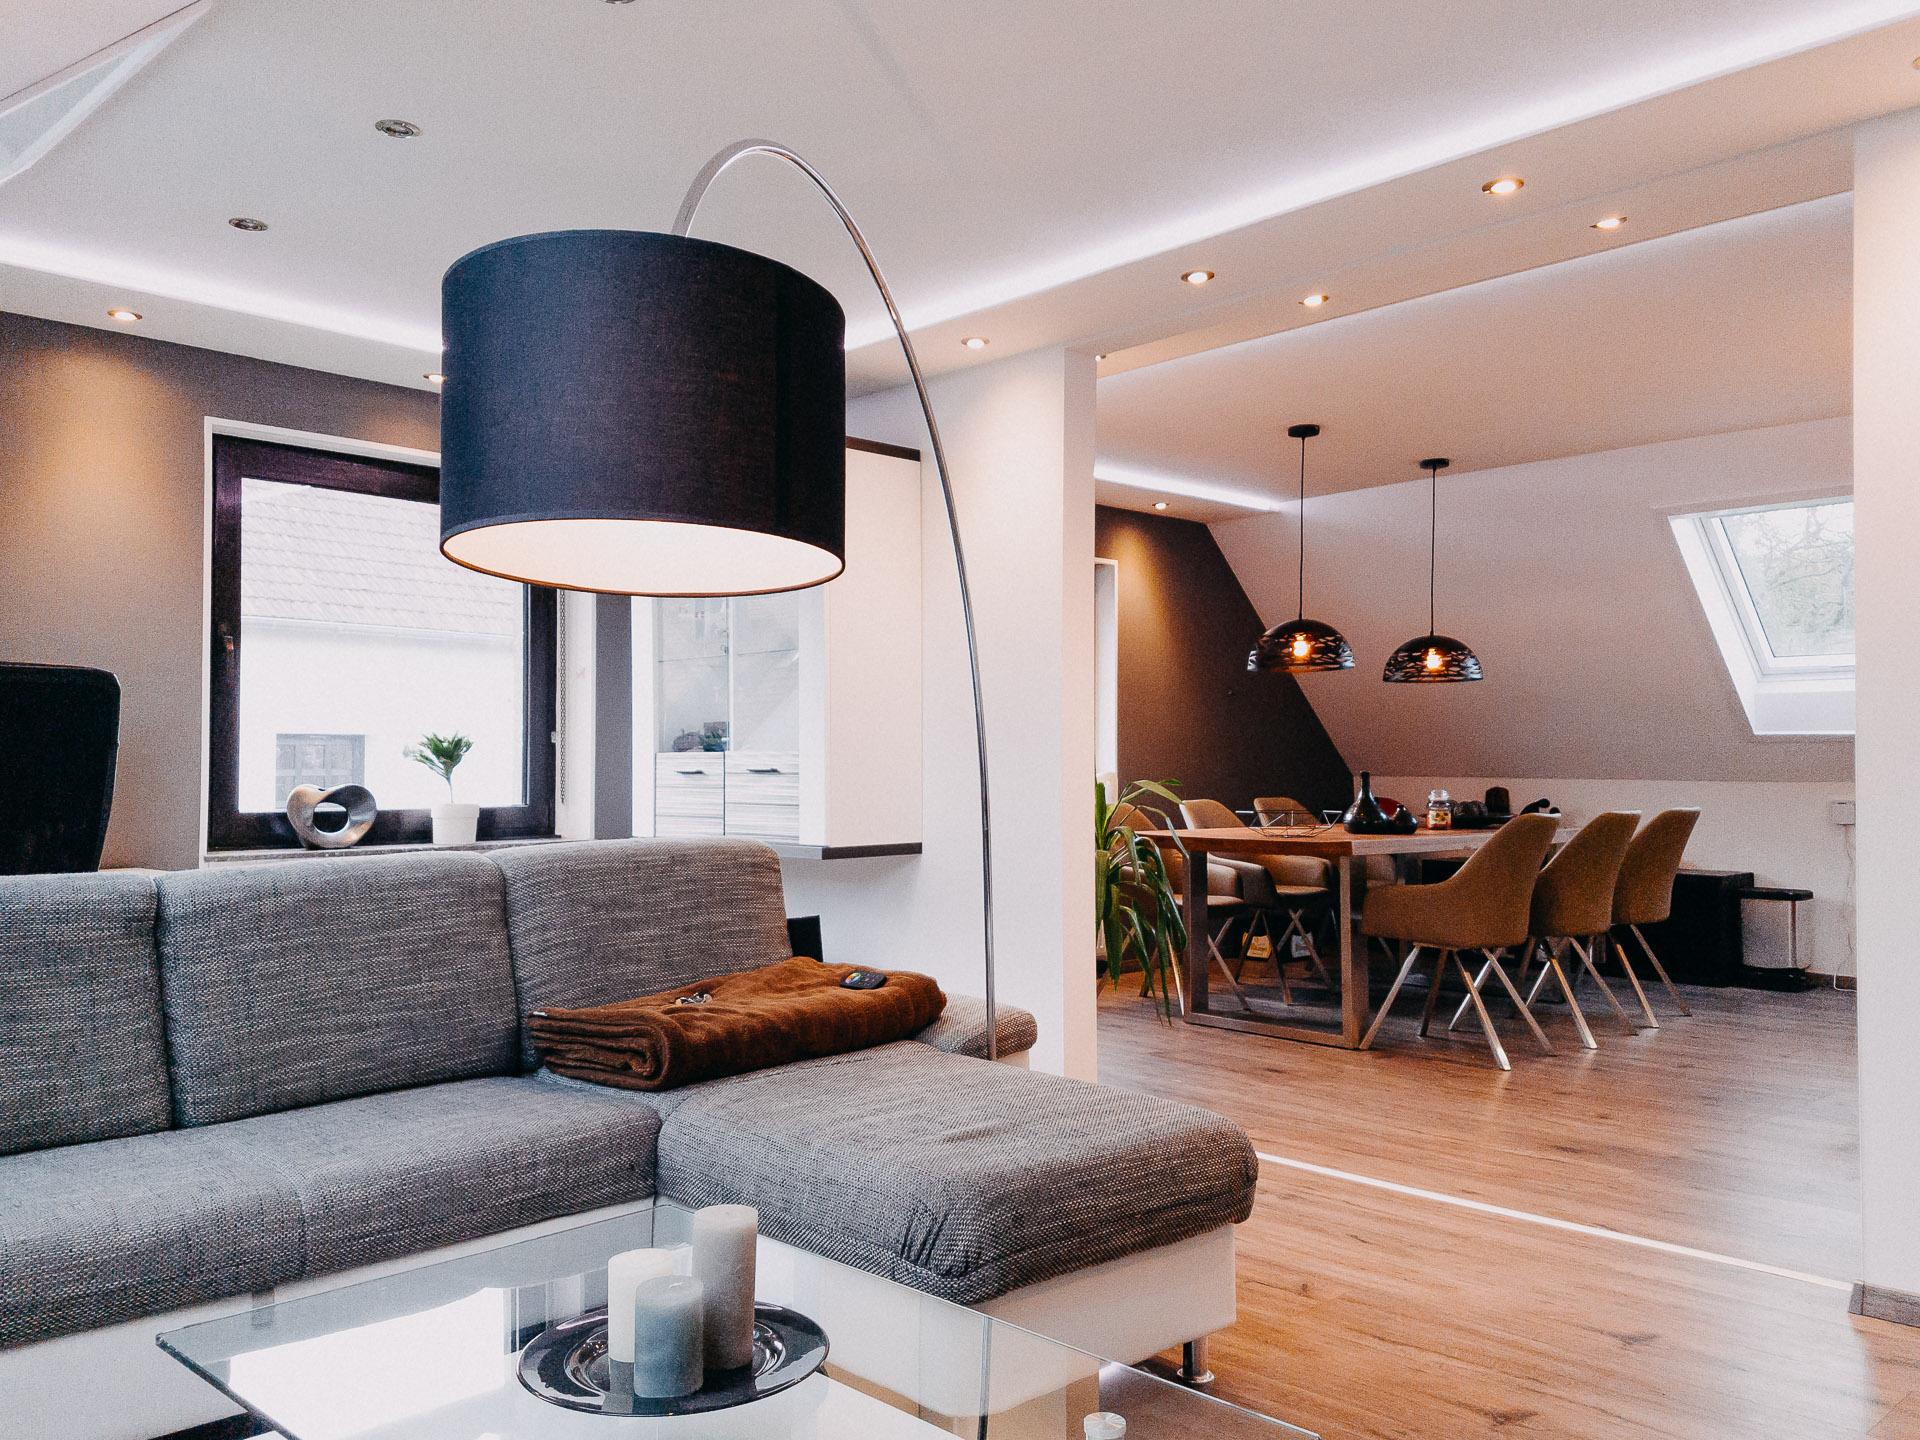 Full Size of Wohnzimmer Indirekte Beleuchtung Decke Led Selber Bauen Modern Stehlampen Bilder Fürs Deckenstrahler Wohnwand Deckenlampen Schrank Großes Bild Bad Wohnzimmer Wohnzimmer Indirekte Beleuchtung